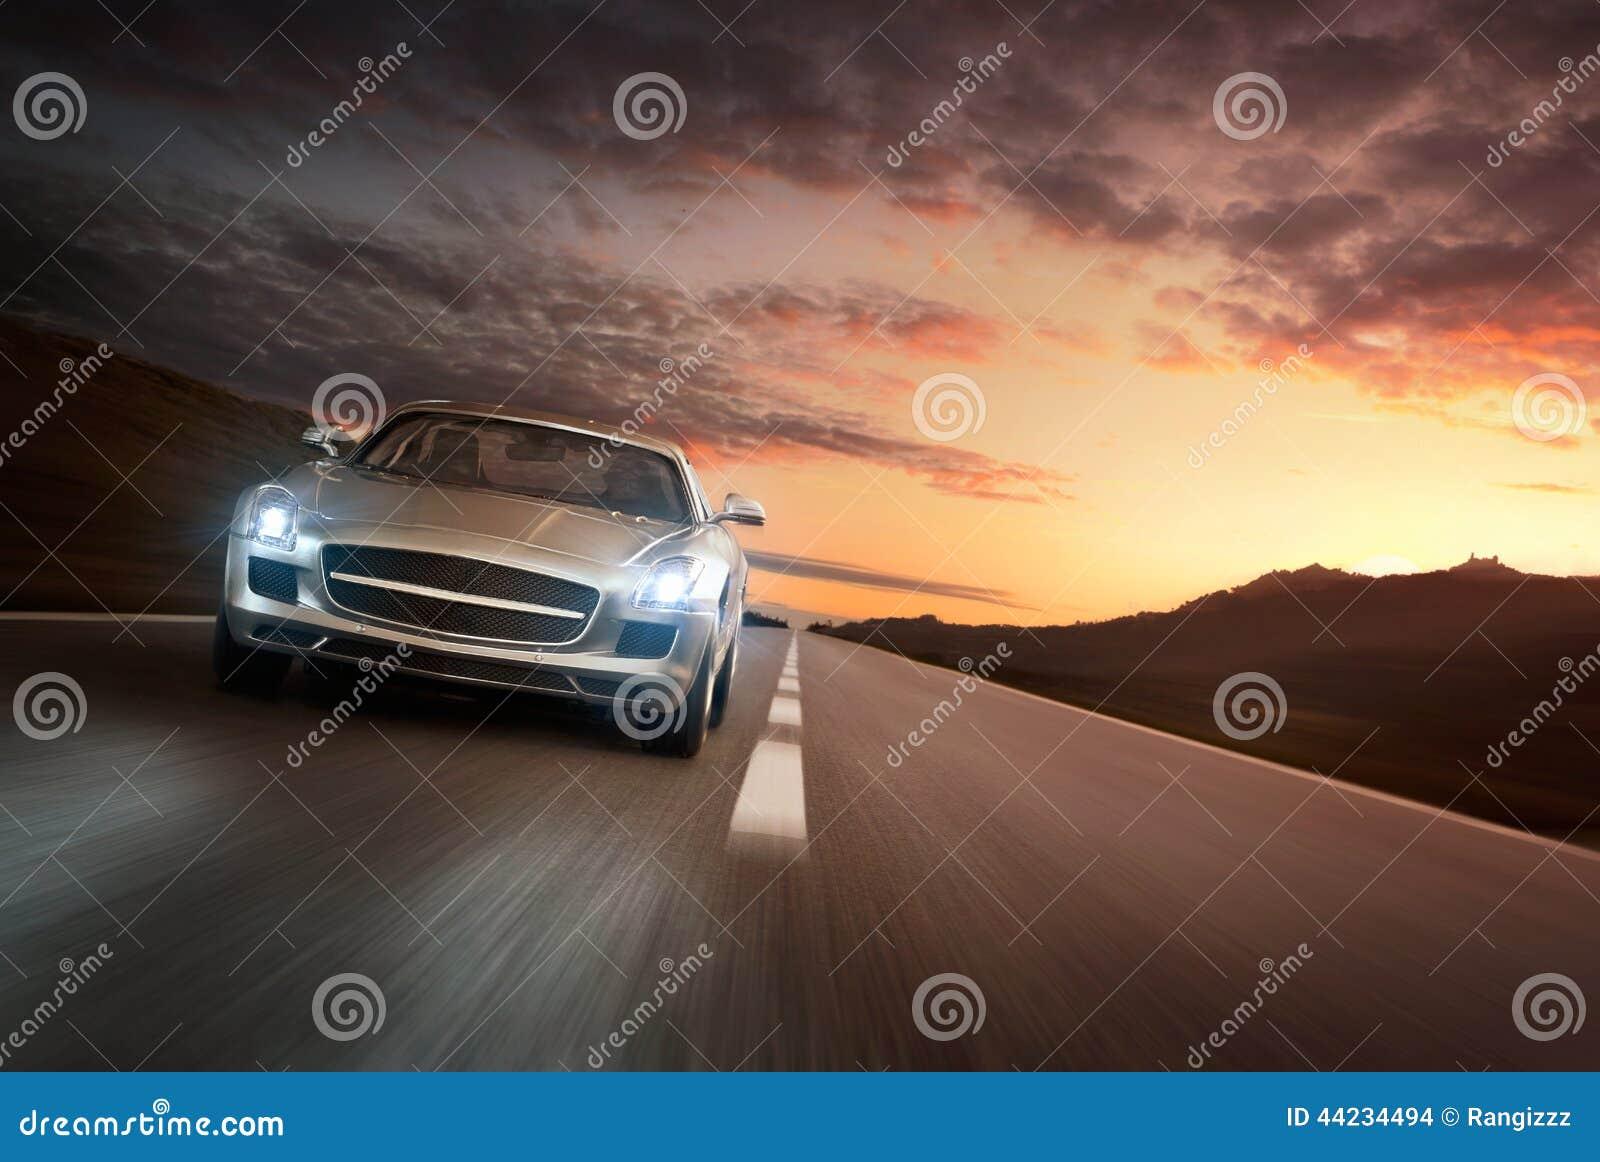 De auto van de luxe